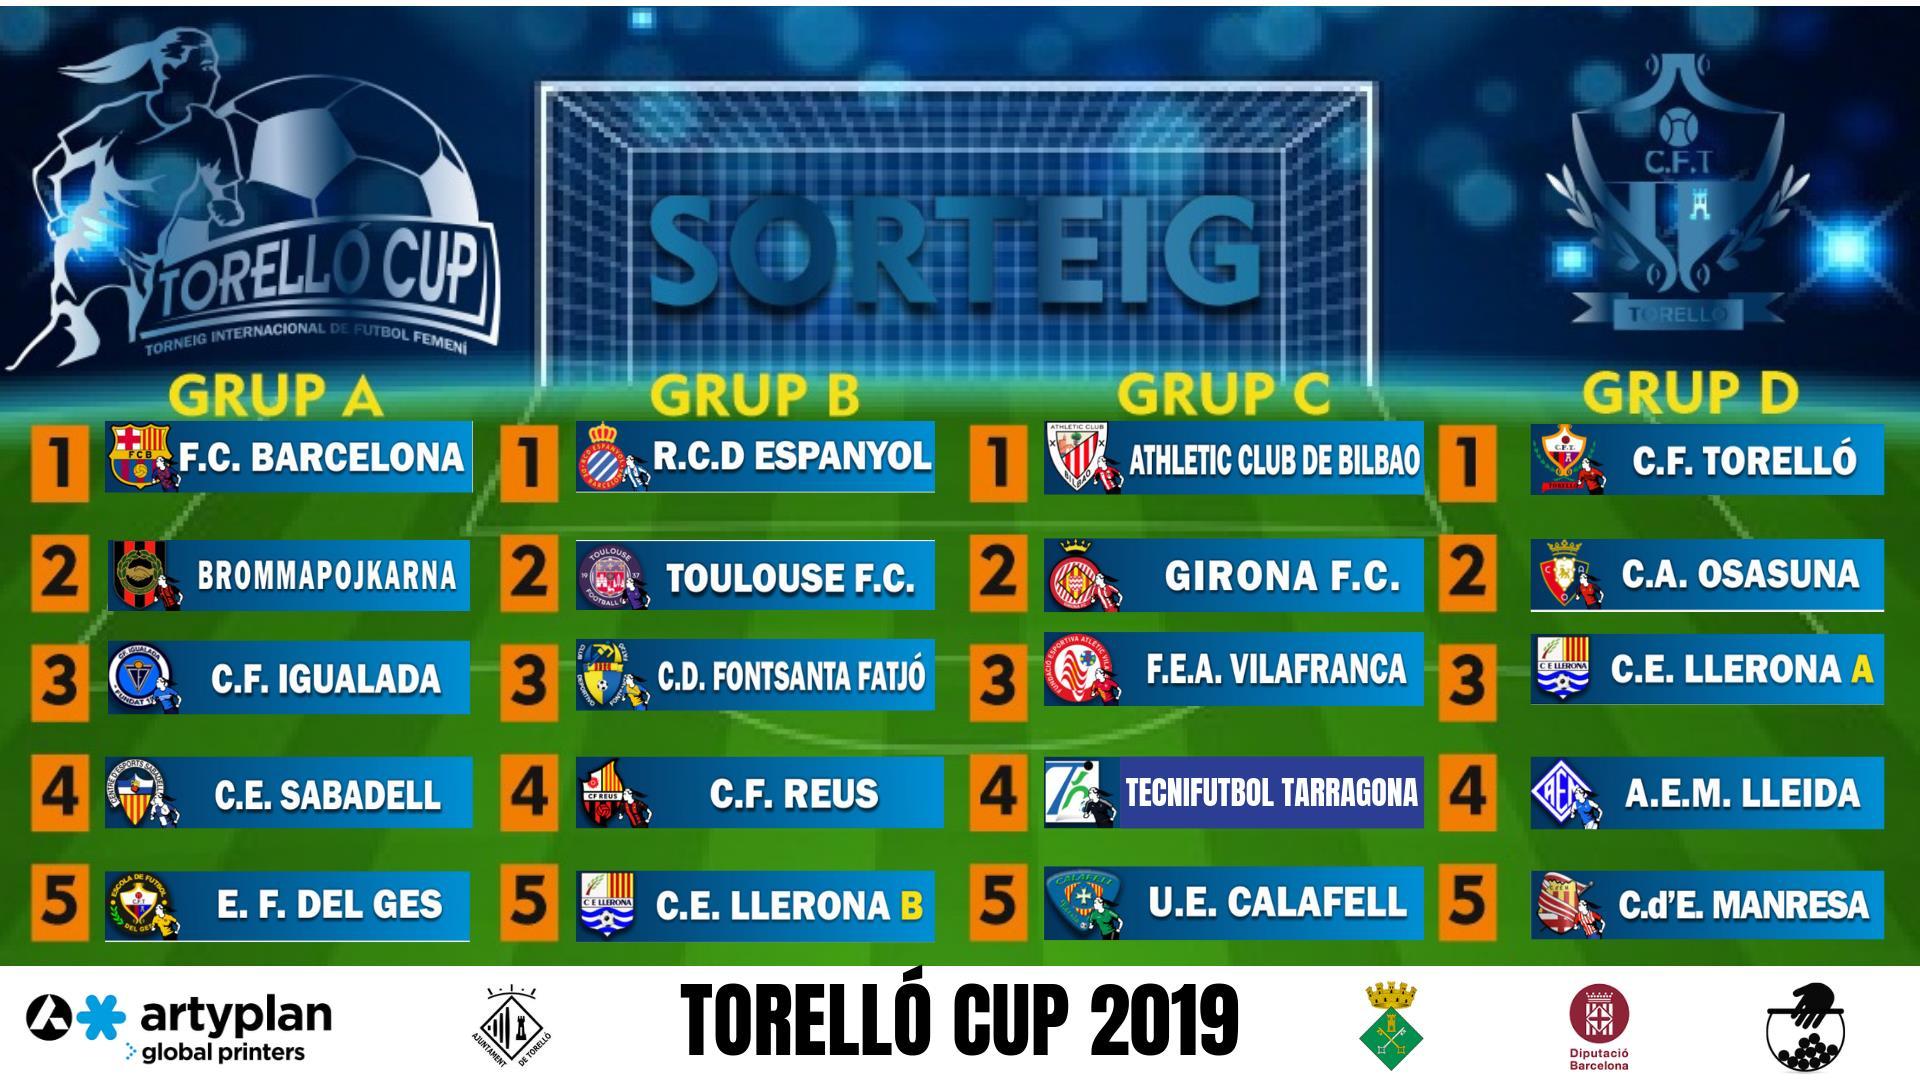 GRUPS TORELLÓ CUP 2019